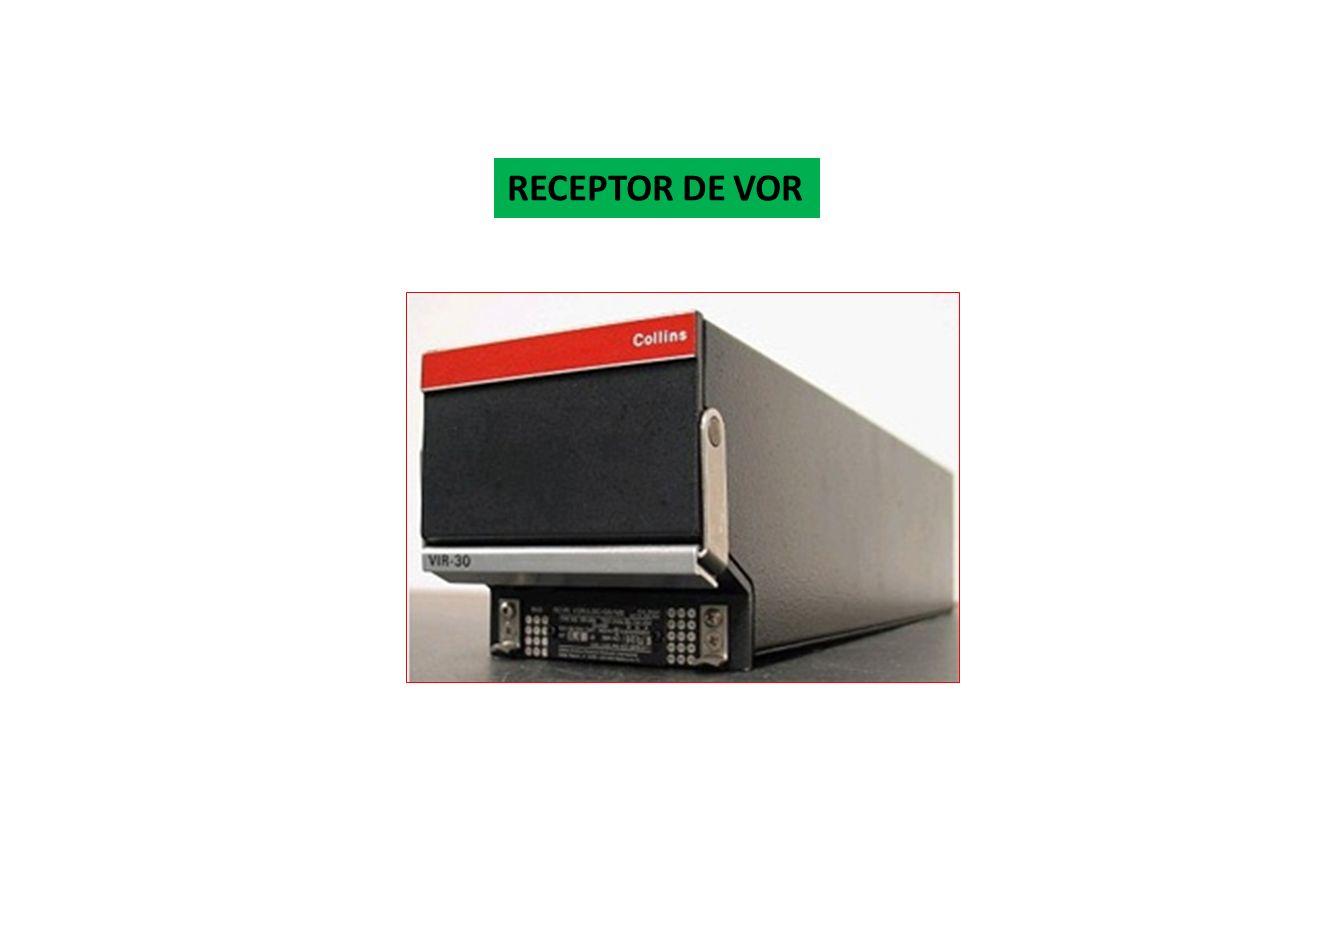 RECEPTOR DE VOR